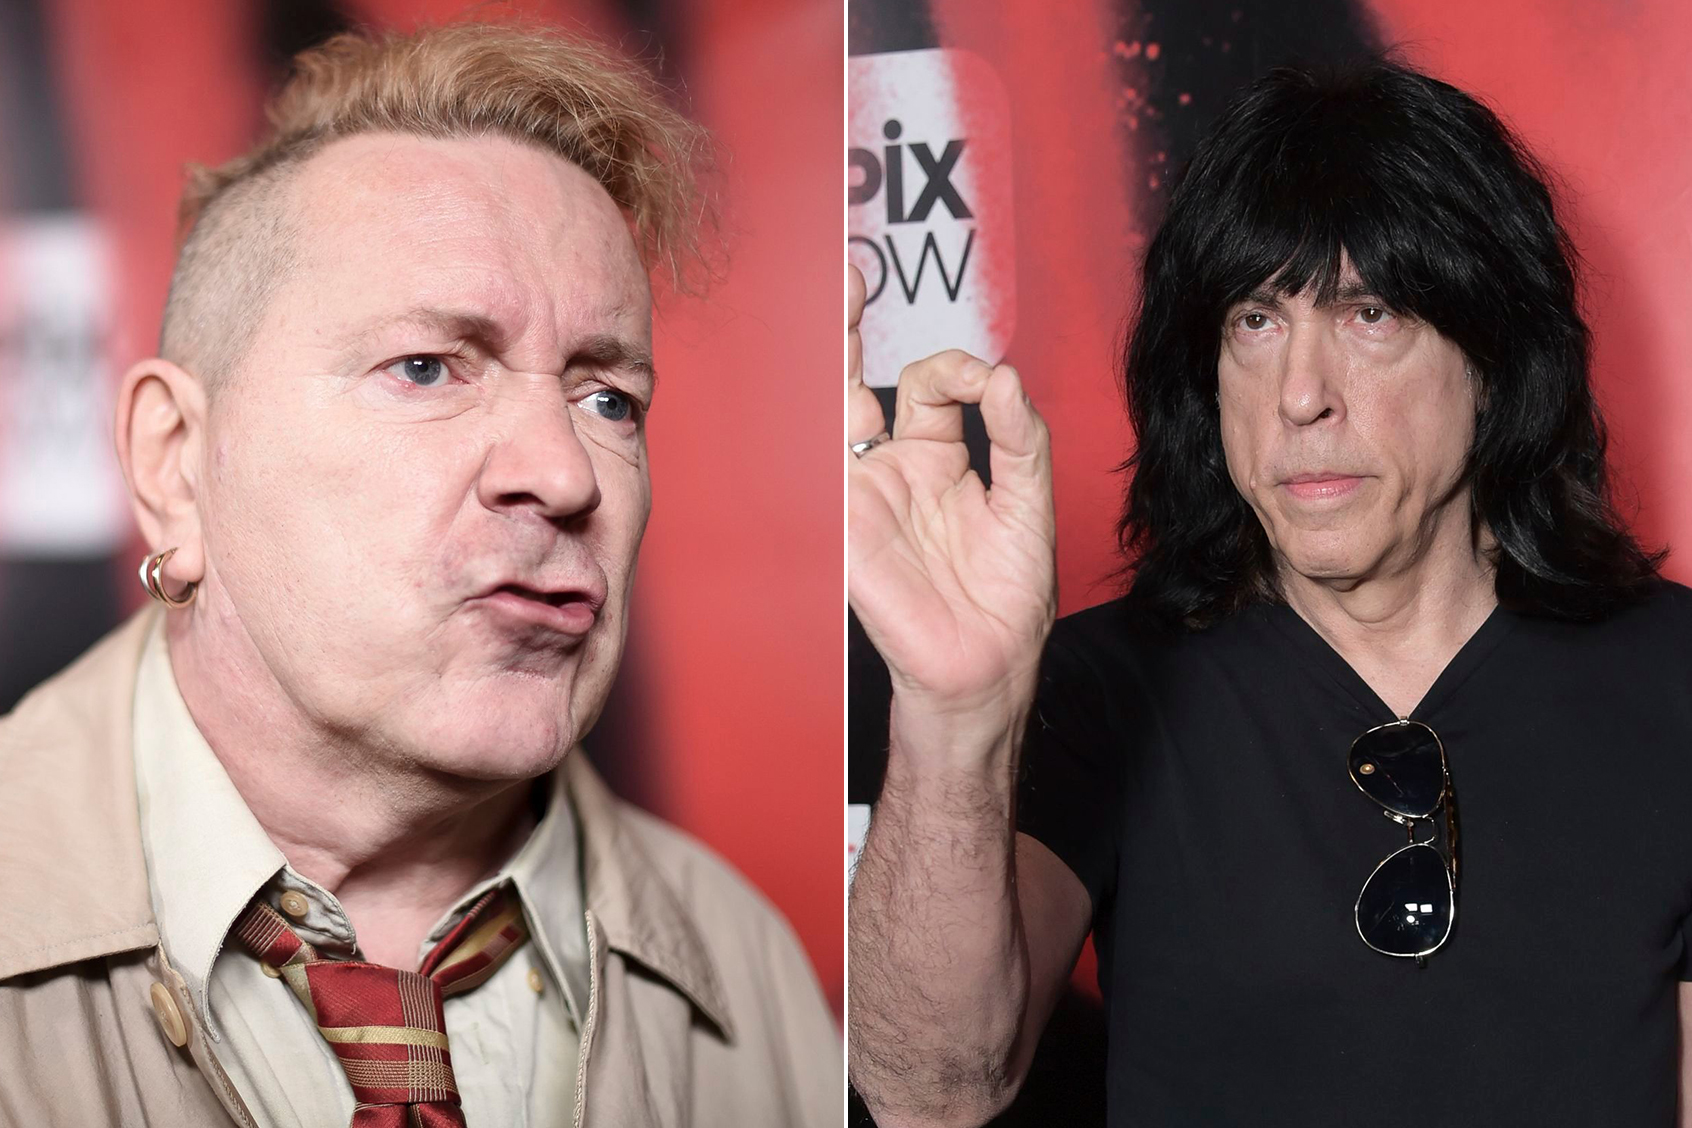 John Lydon and Marky Ramone.